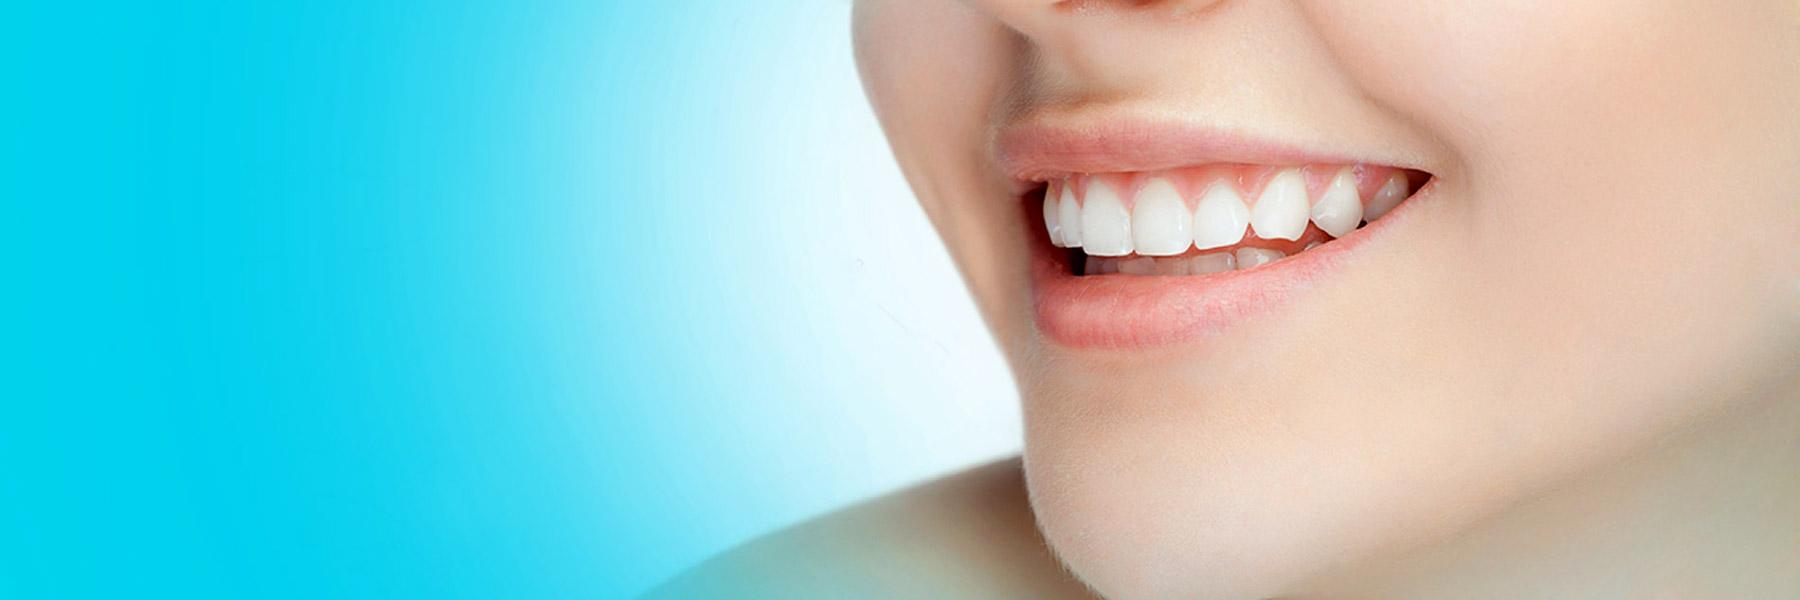 دندانپزشکی دکتر فرشاد نیک نژاد Smile design